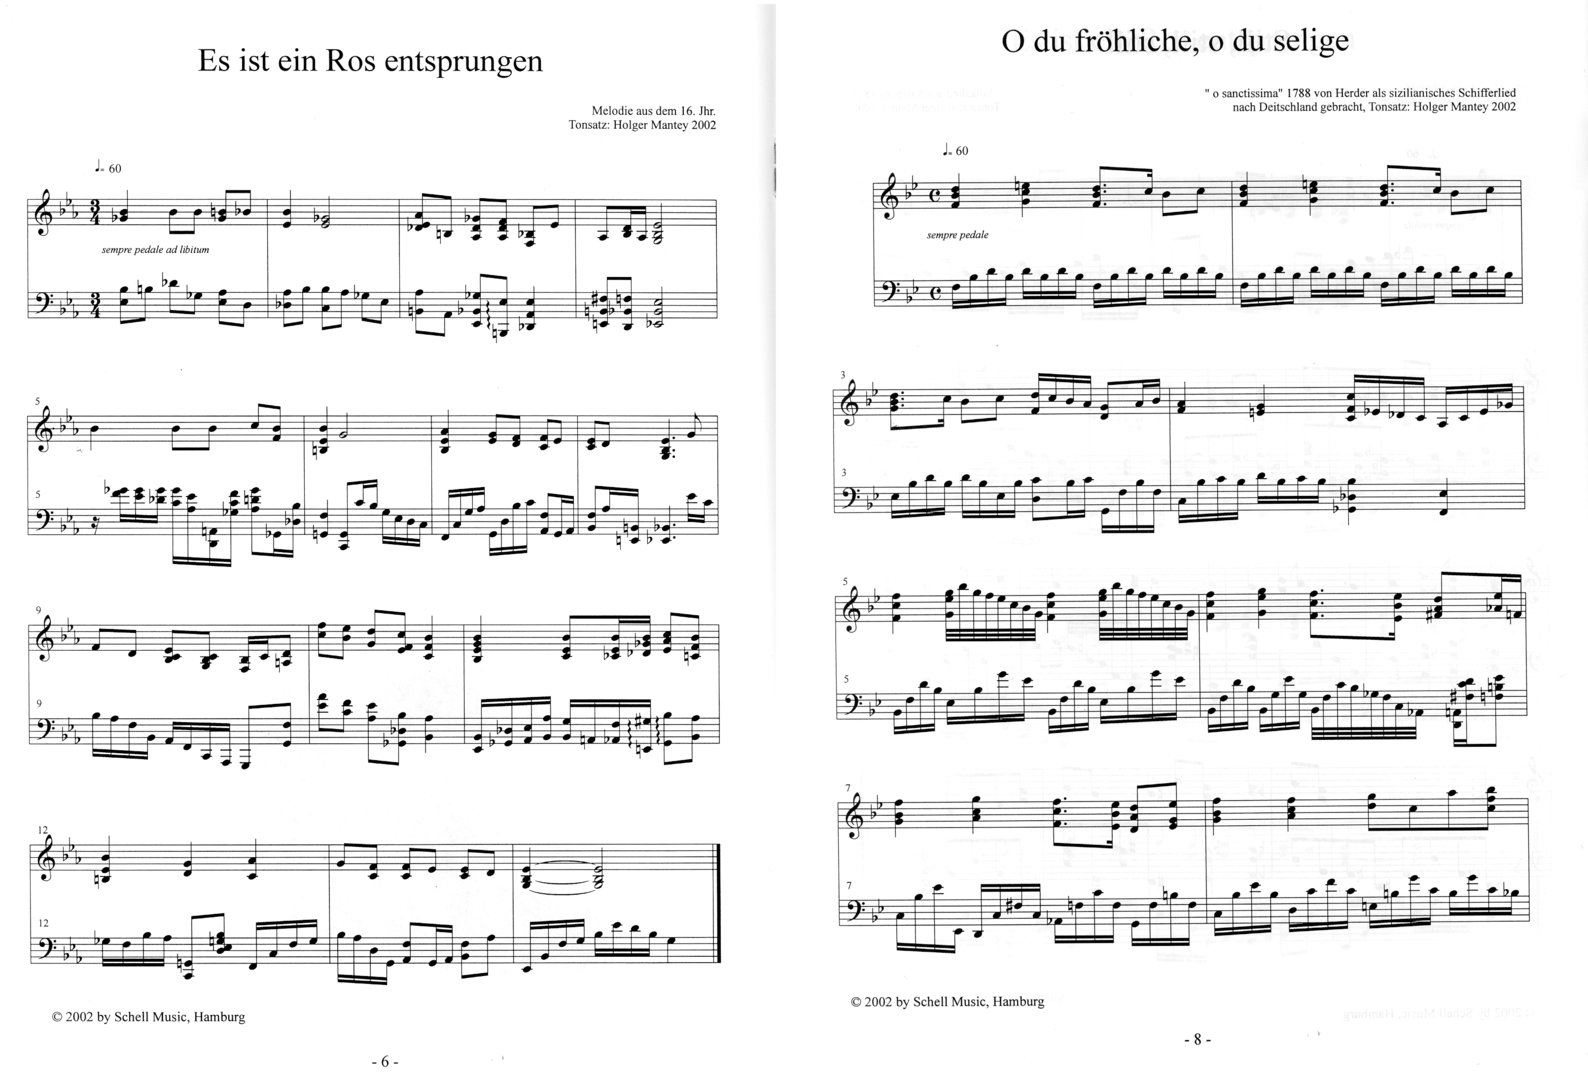 Weihnachtslieder Jazz Noten.Weihnachtslieder Jazz Noten Italiaansinschoonhoven